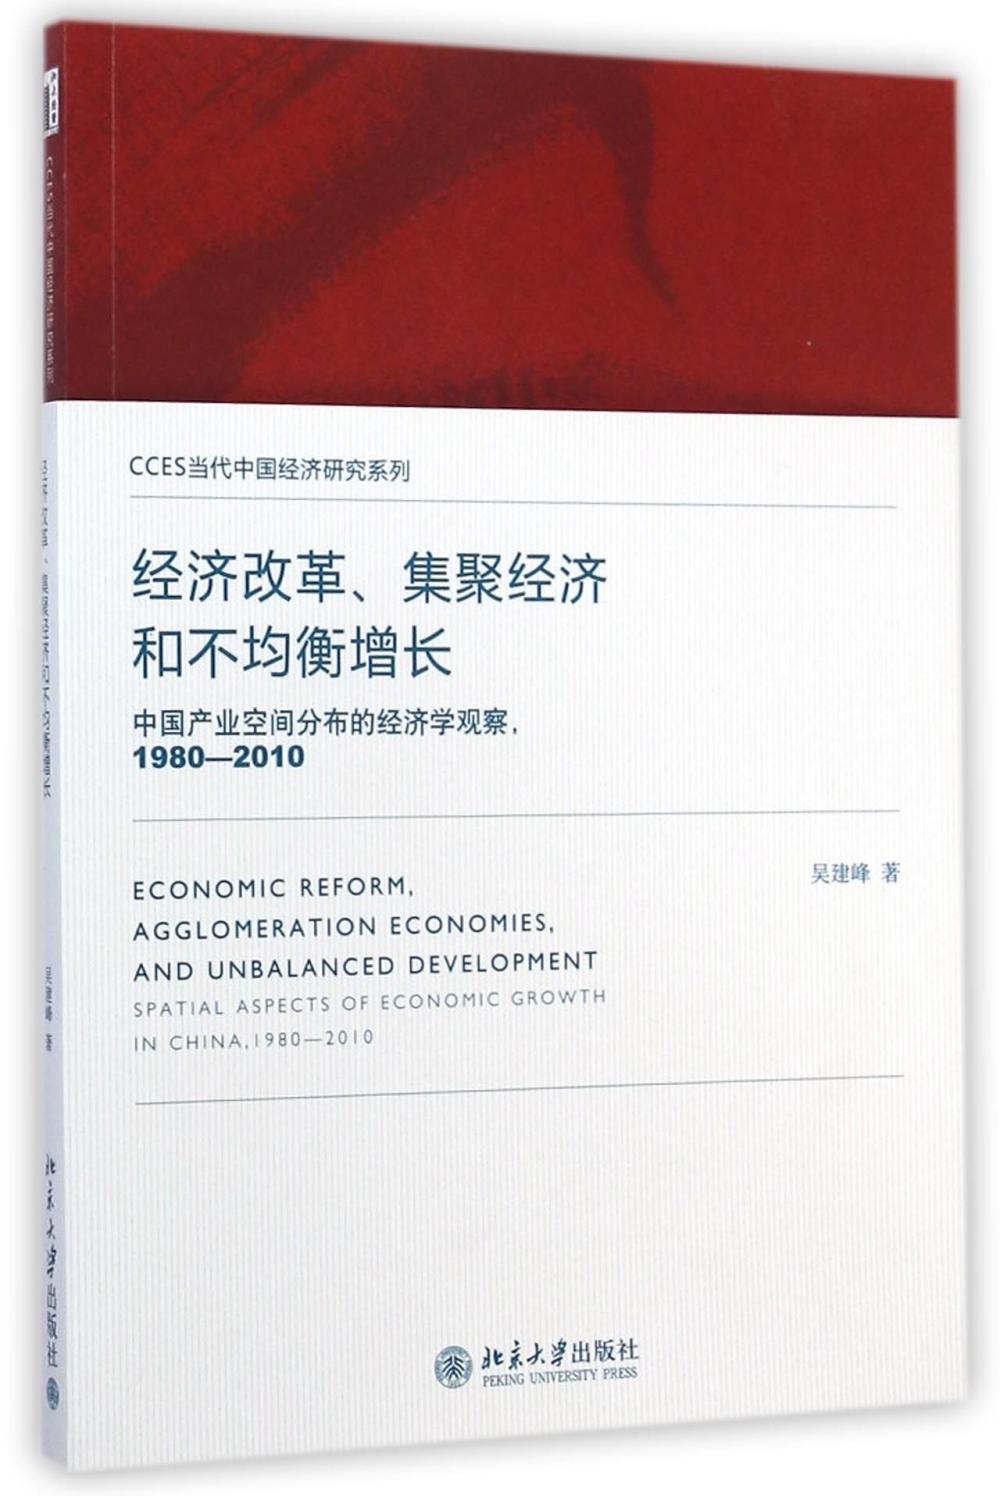 經濟改革、集聚經濟和不均衡增長:中國產業空間分布的經濟學觀察 1980~2010